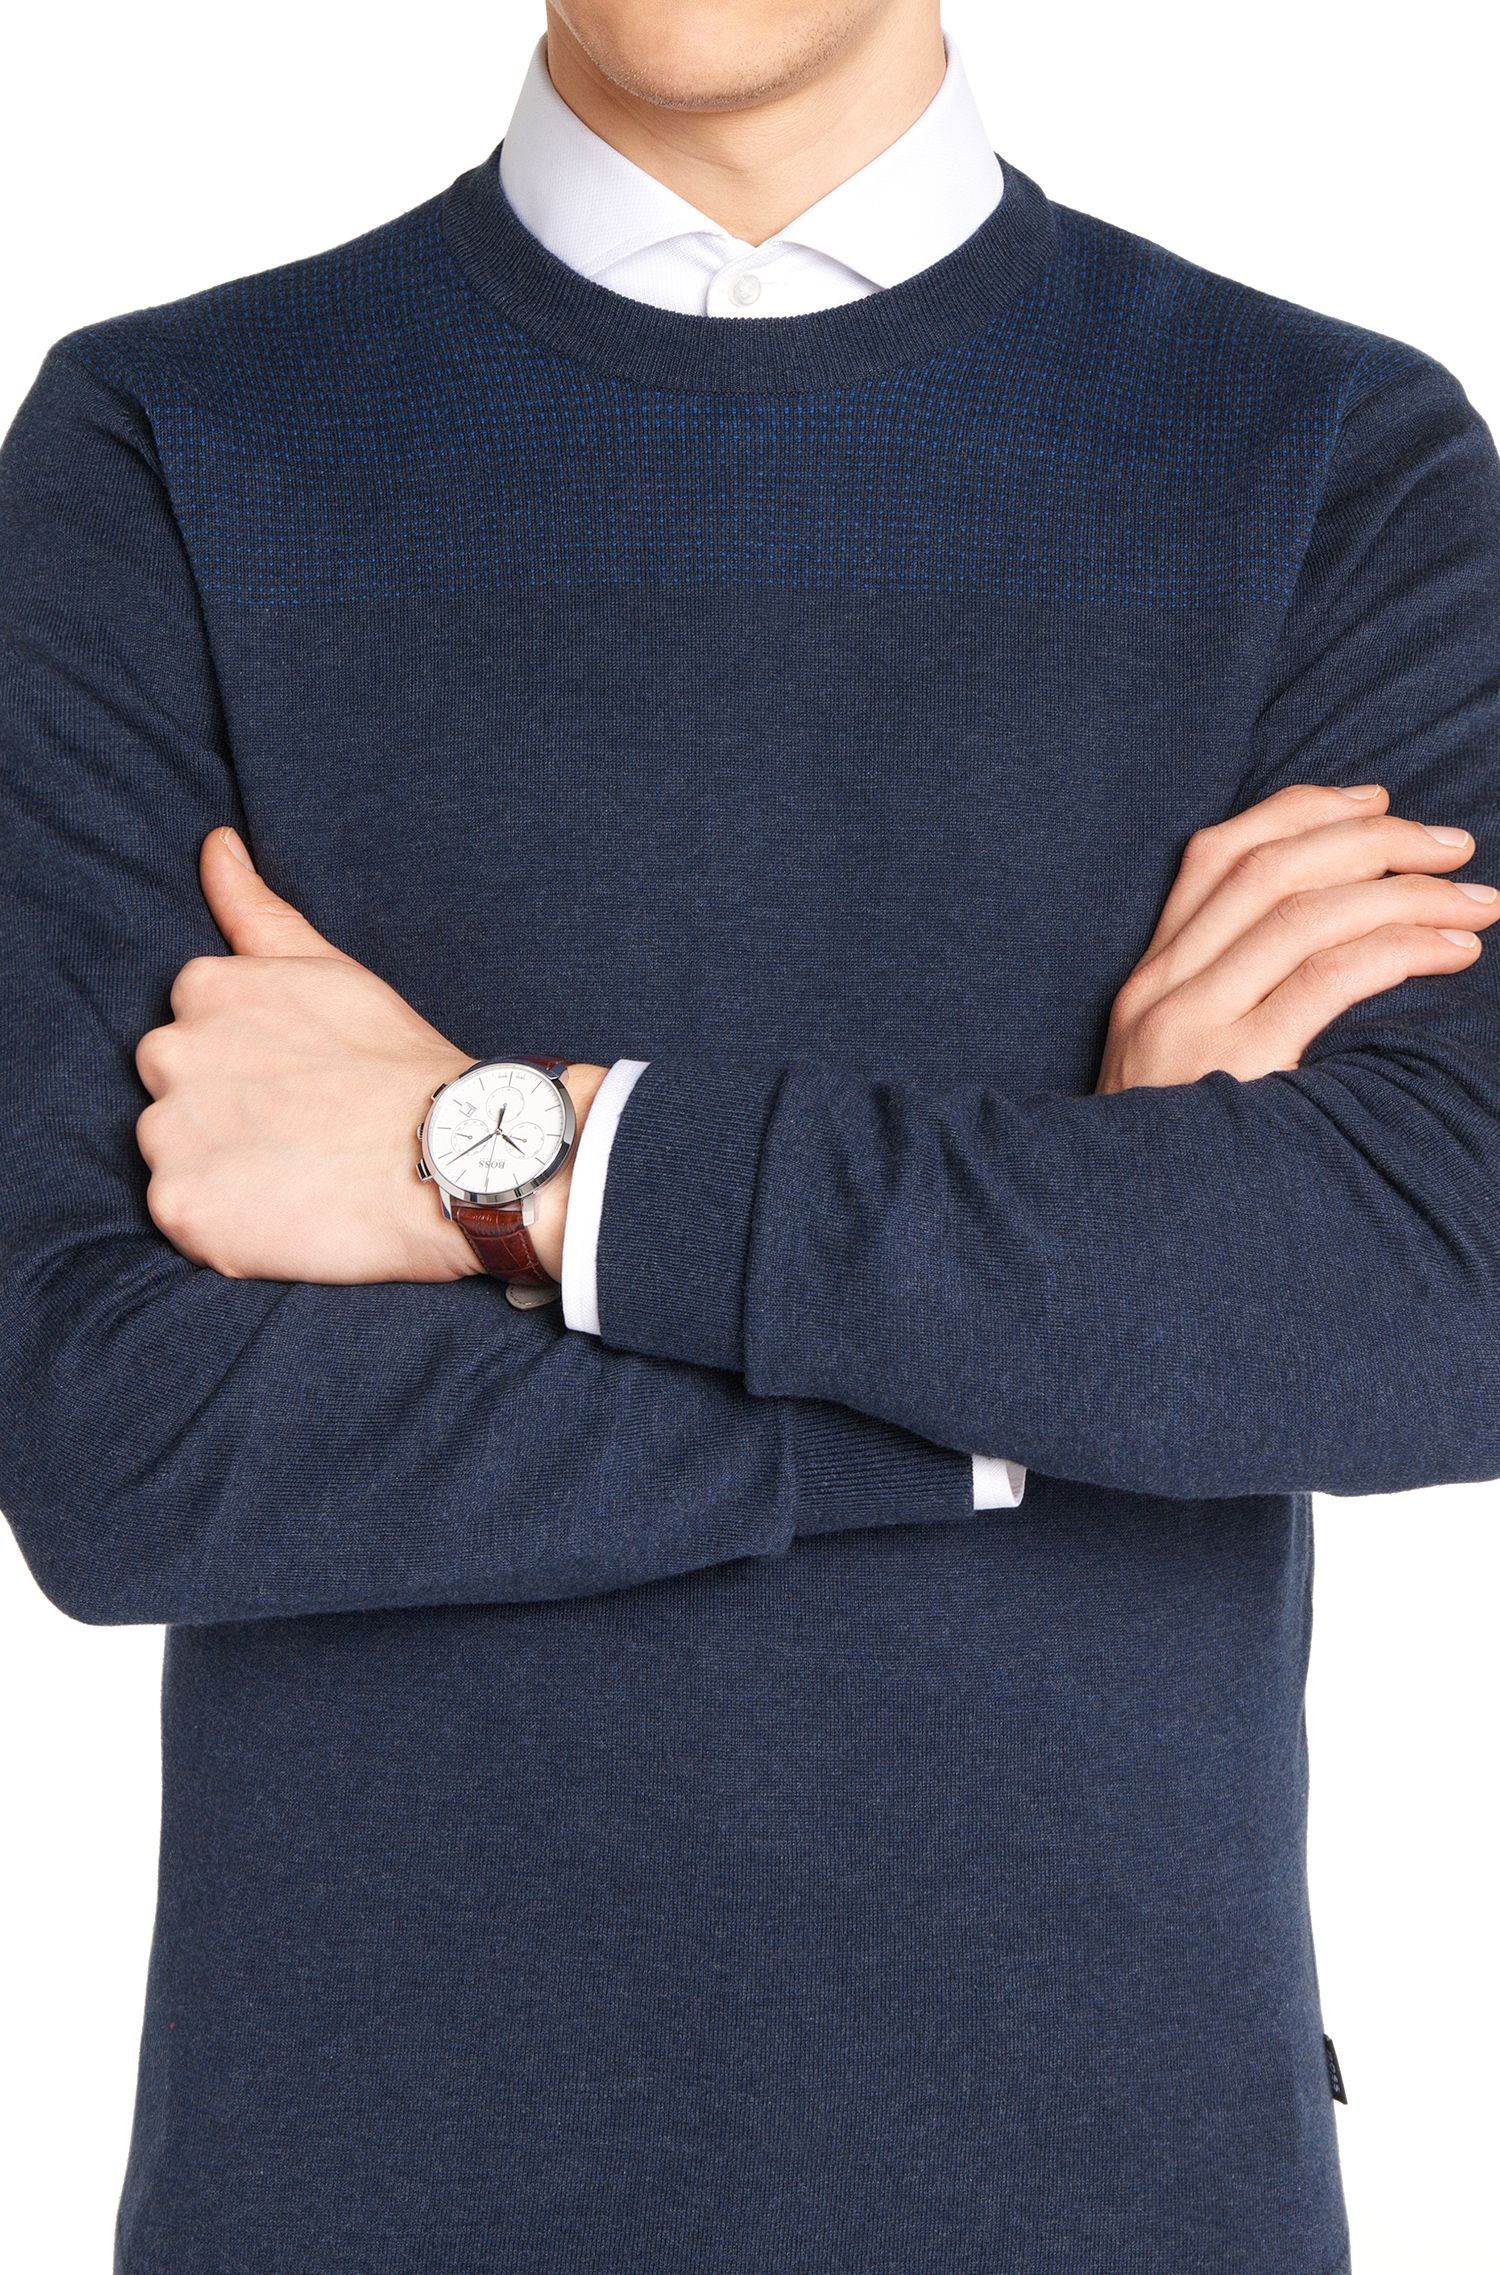 Chronographe avec boîtier en acier inoxydable et bracelet en cuir imprimé: «Signature Timepiece»